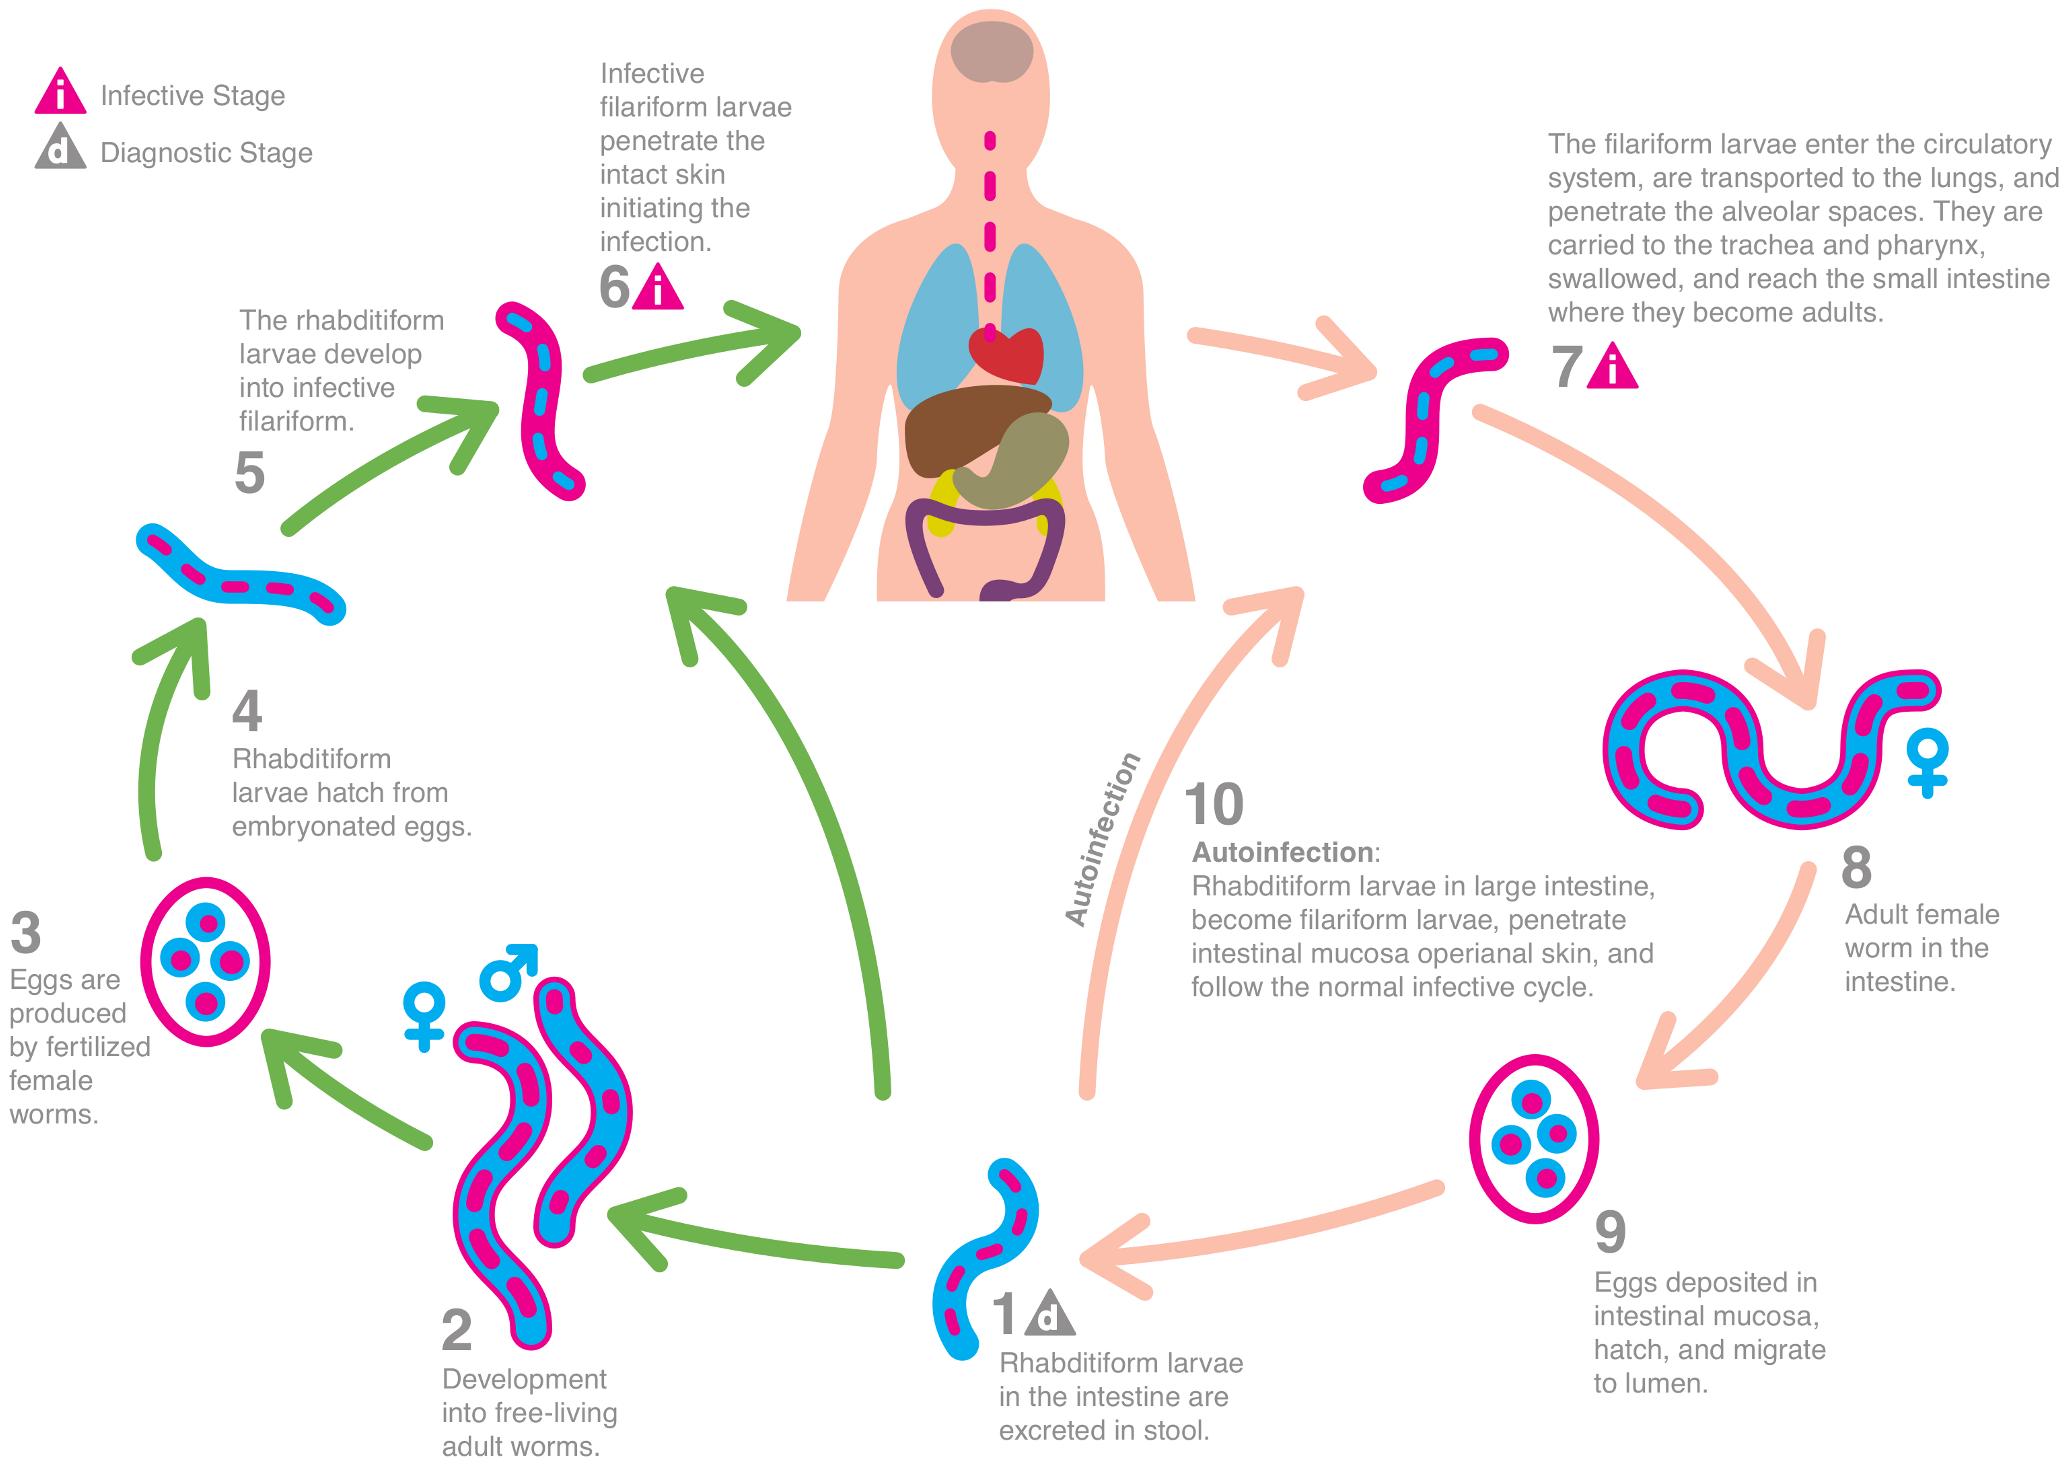 îndepărtarea uterului cu condiloame pancreatic cancer vertaling